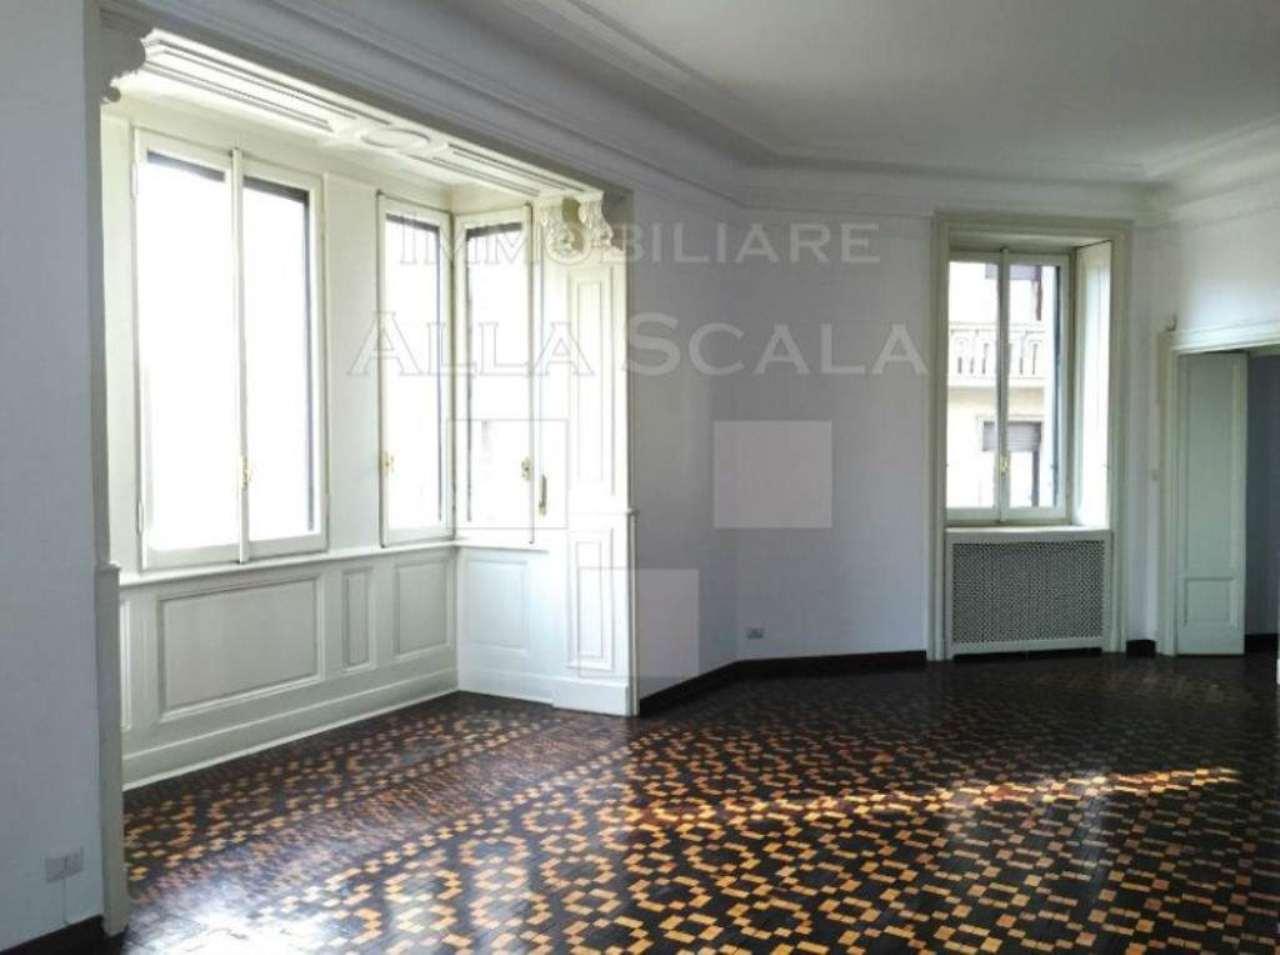 Appartamento in affitto a milano viale bianca maria for Appartamento design affitto milano